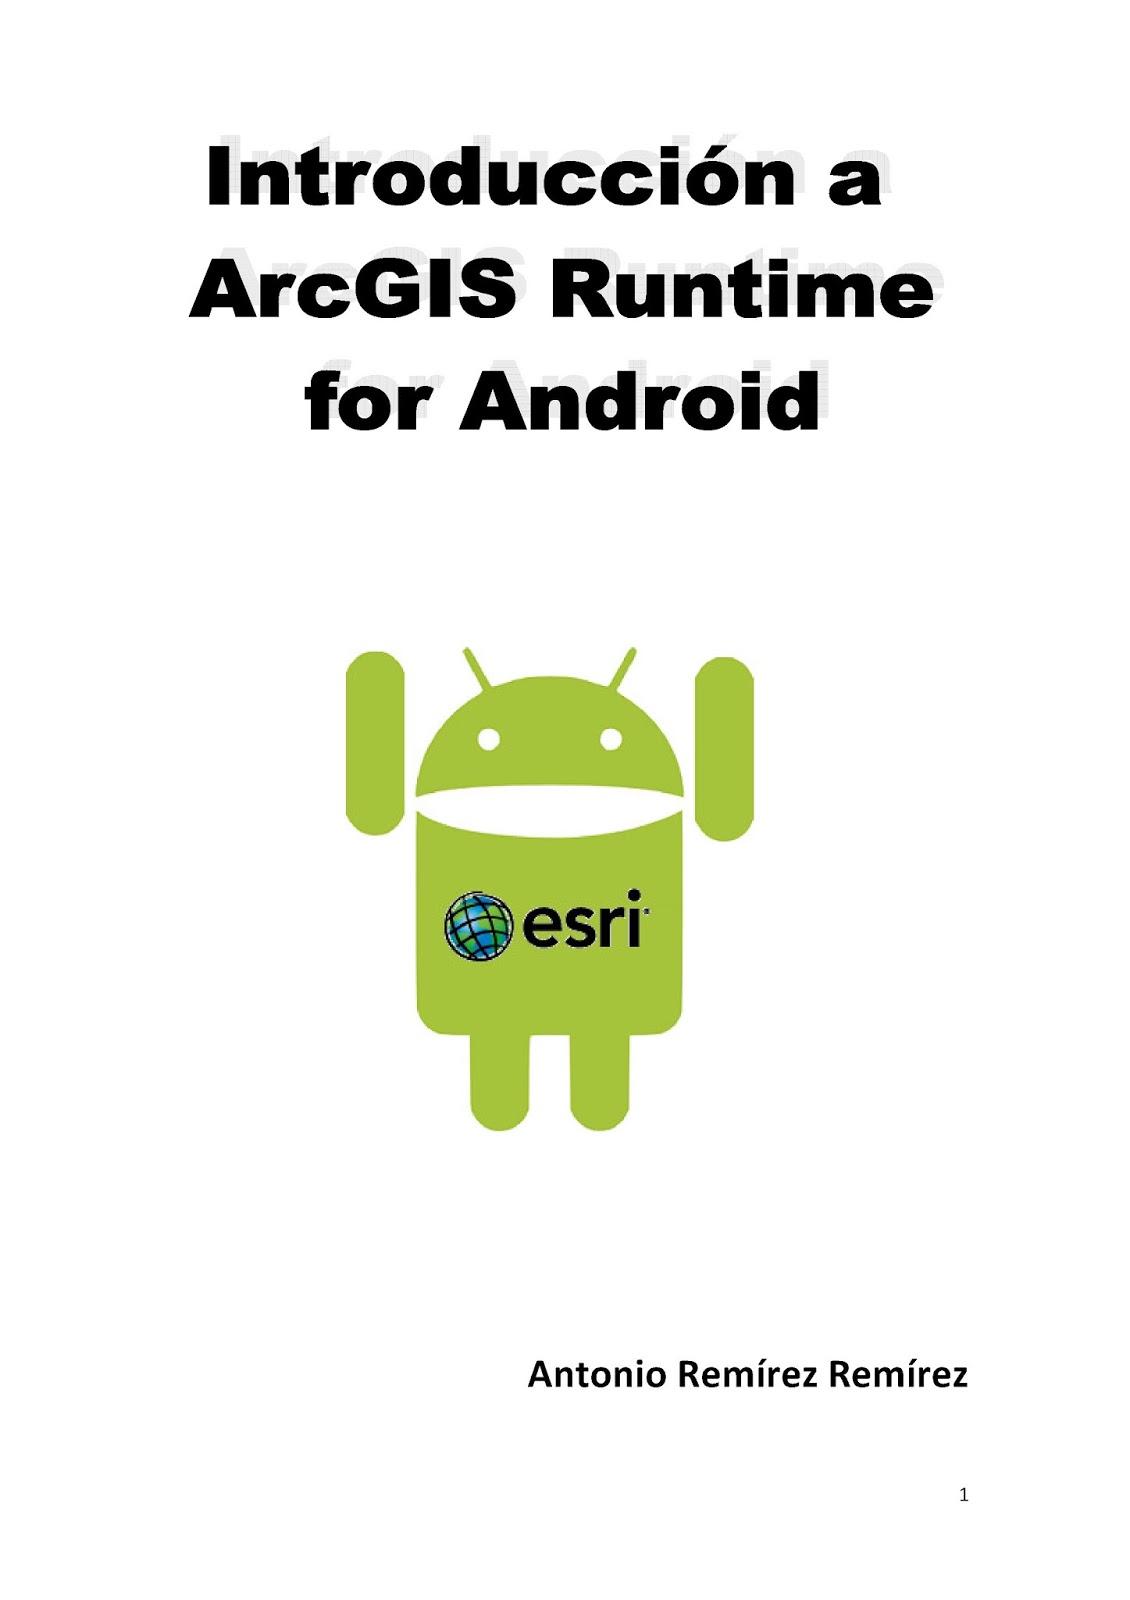 Introducción a ArcGIS Runtime para Android – Antonio Remírez Remírez